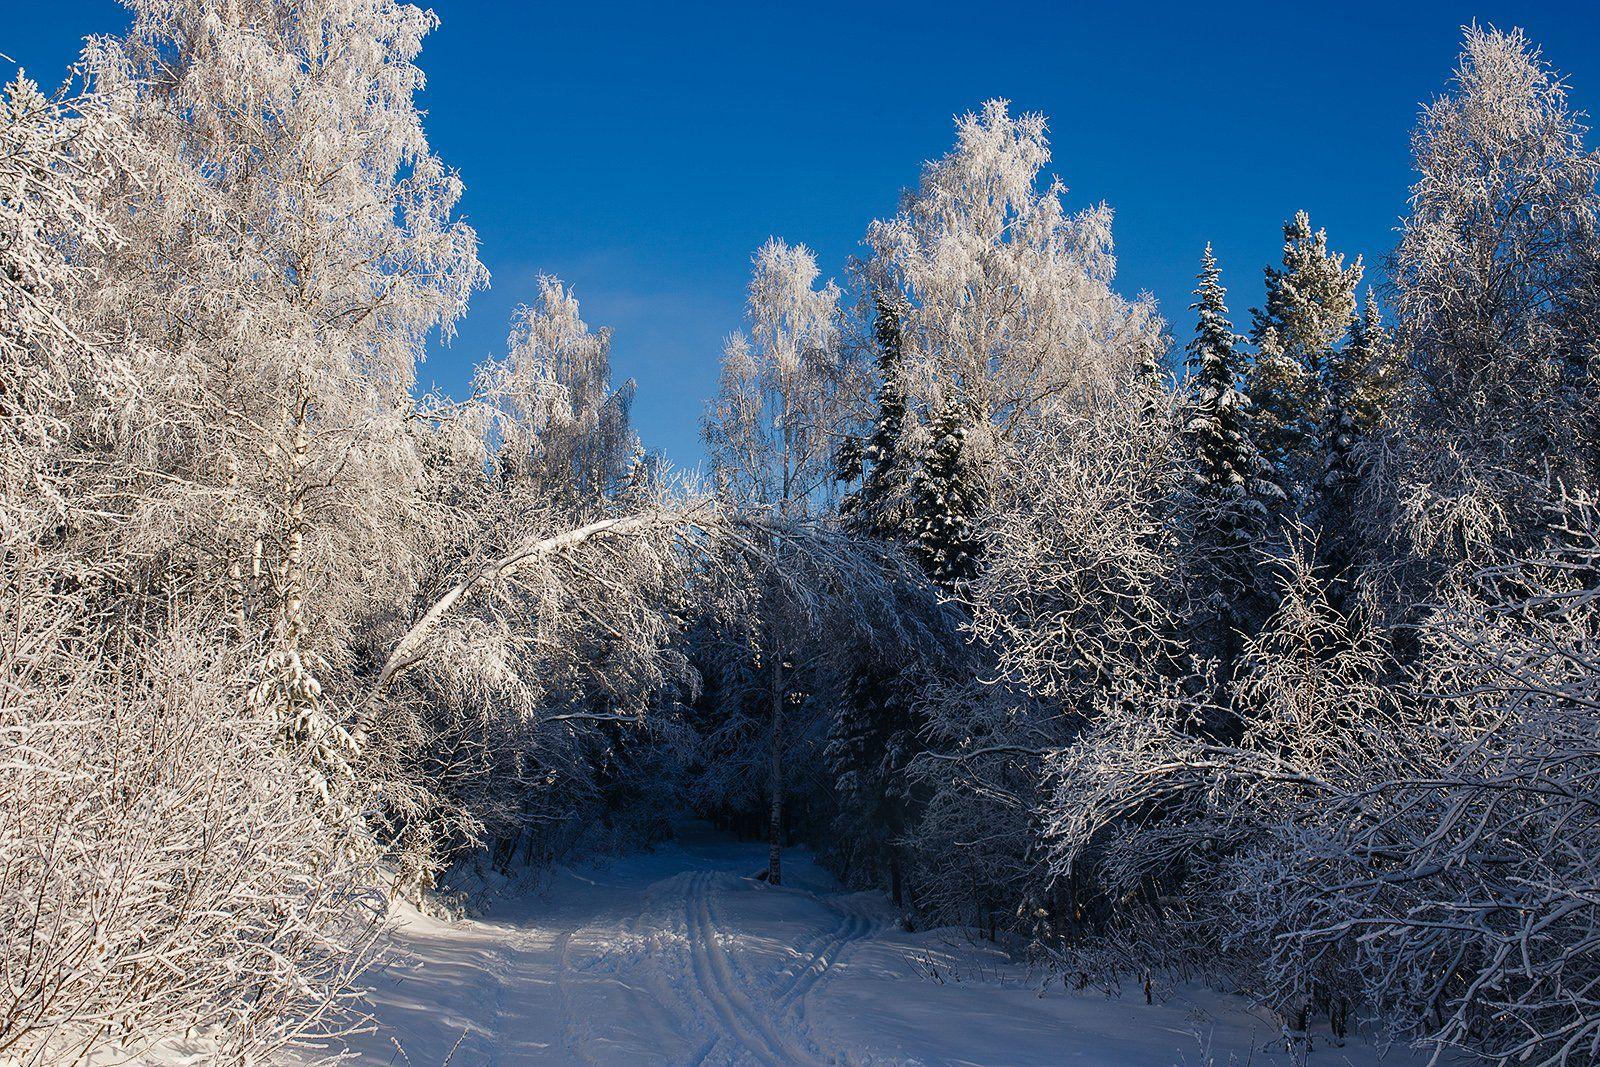 зима, лес, природа, урал, златоуст, пейзаж, снег, заснеженные деревья, Евгений Толкачёв